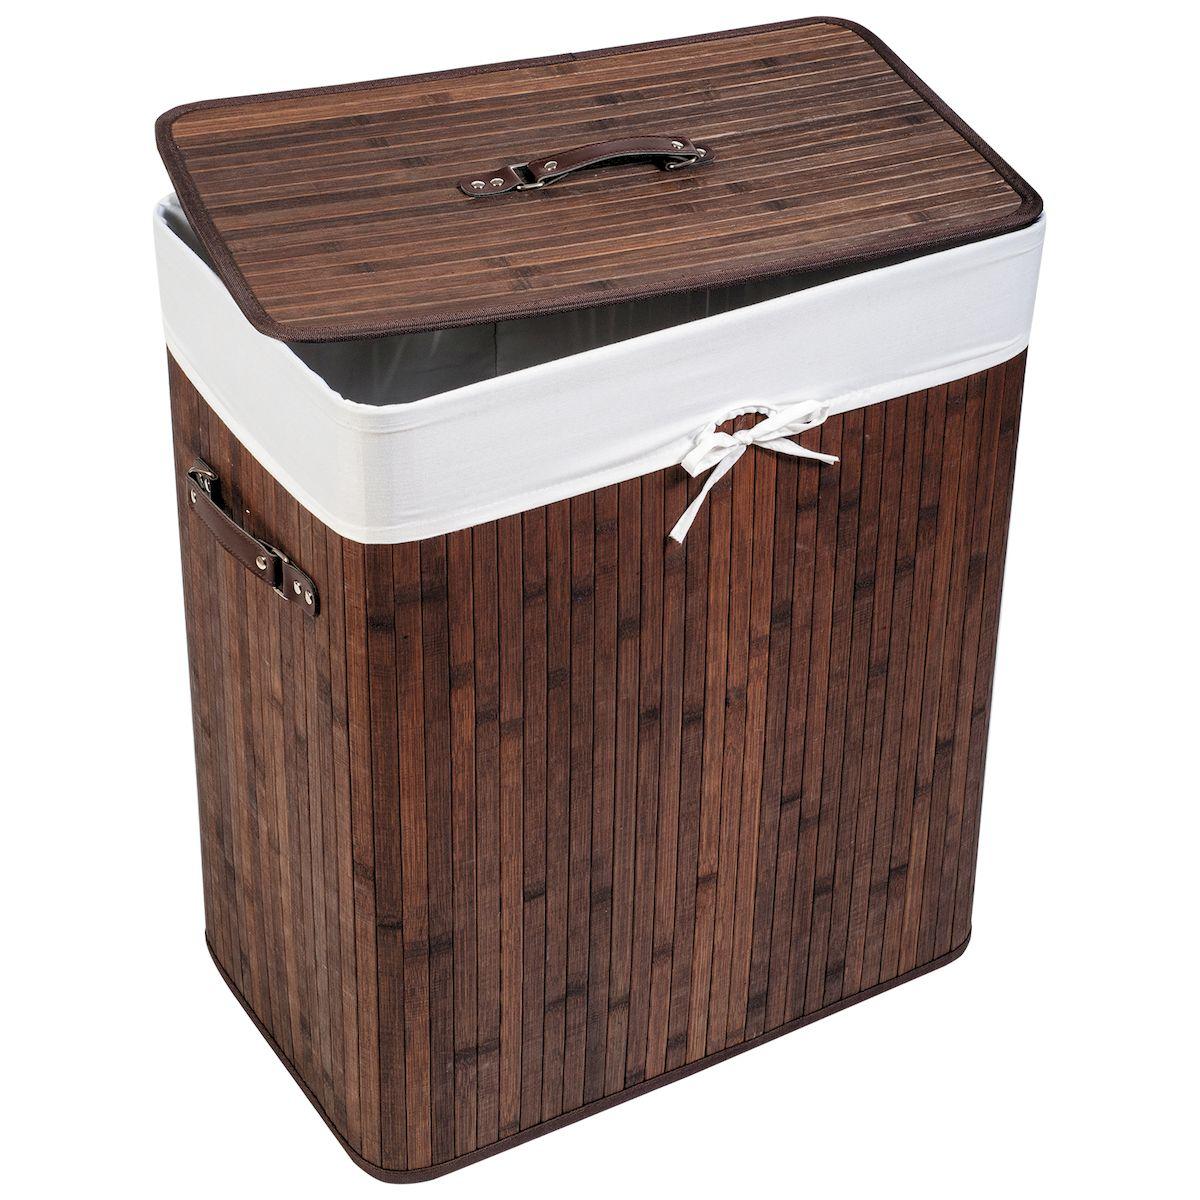 Корзина для белья Tatkraft NEVADA, со съемным чехлом, 105 л15296Большая бамбуковая корзина для белья со съемным текстильным чехлом 105 л. - Натуральный бамбук походит для помещений с высокой влажностью, обладает дезодорирующими и антисептическими свойствами - Съемный чехол легко мыть, удобная крышка с ручкой, боковые ручки, цвета натурального дерева впишутся в любой интерьер. - Размер: 52?32?63(В) см. Материал: натуральный бамбук, текстиль